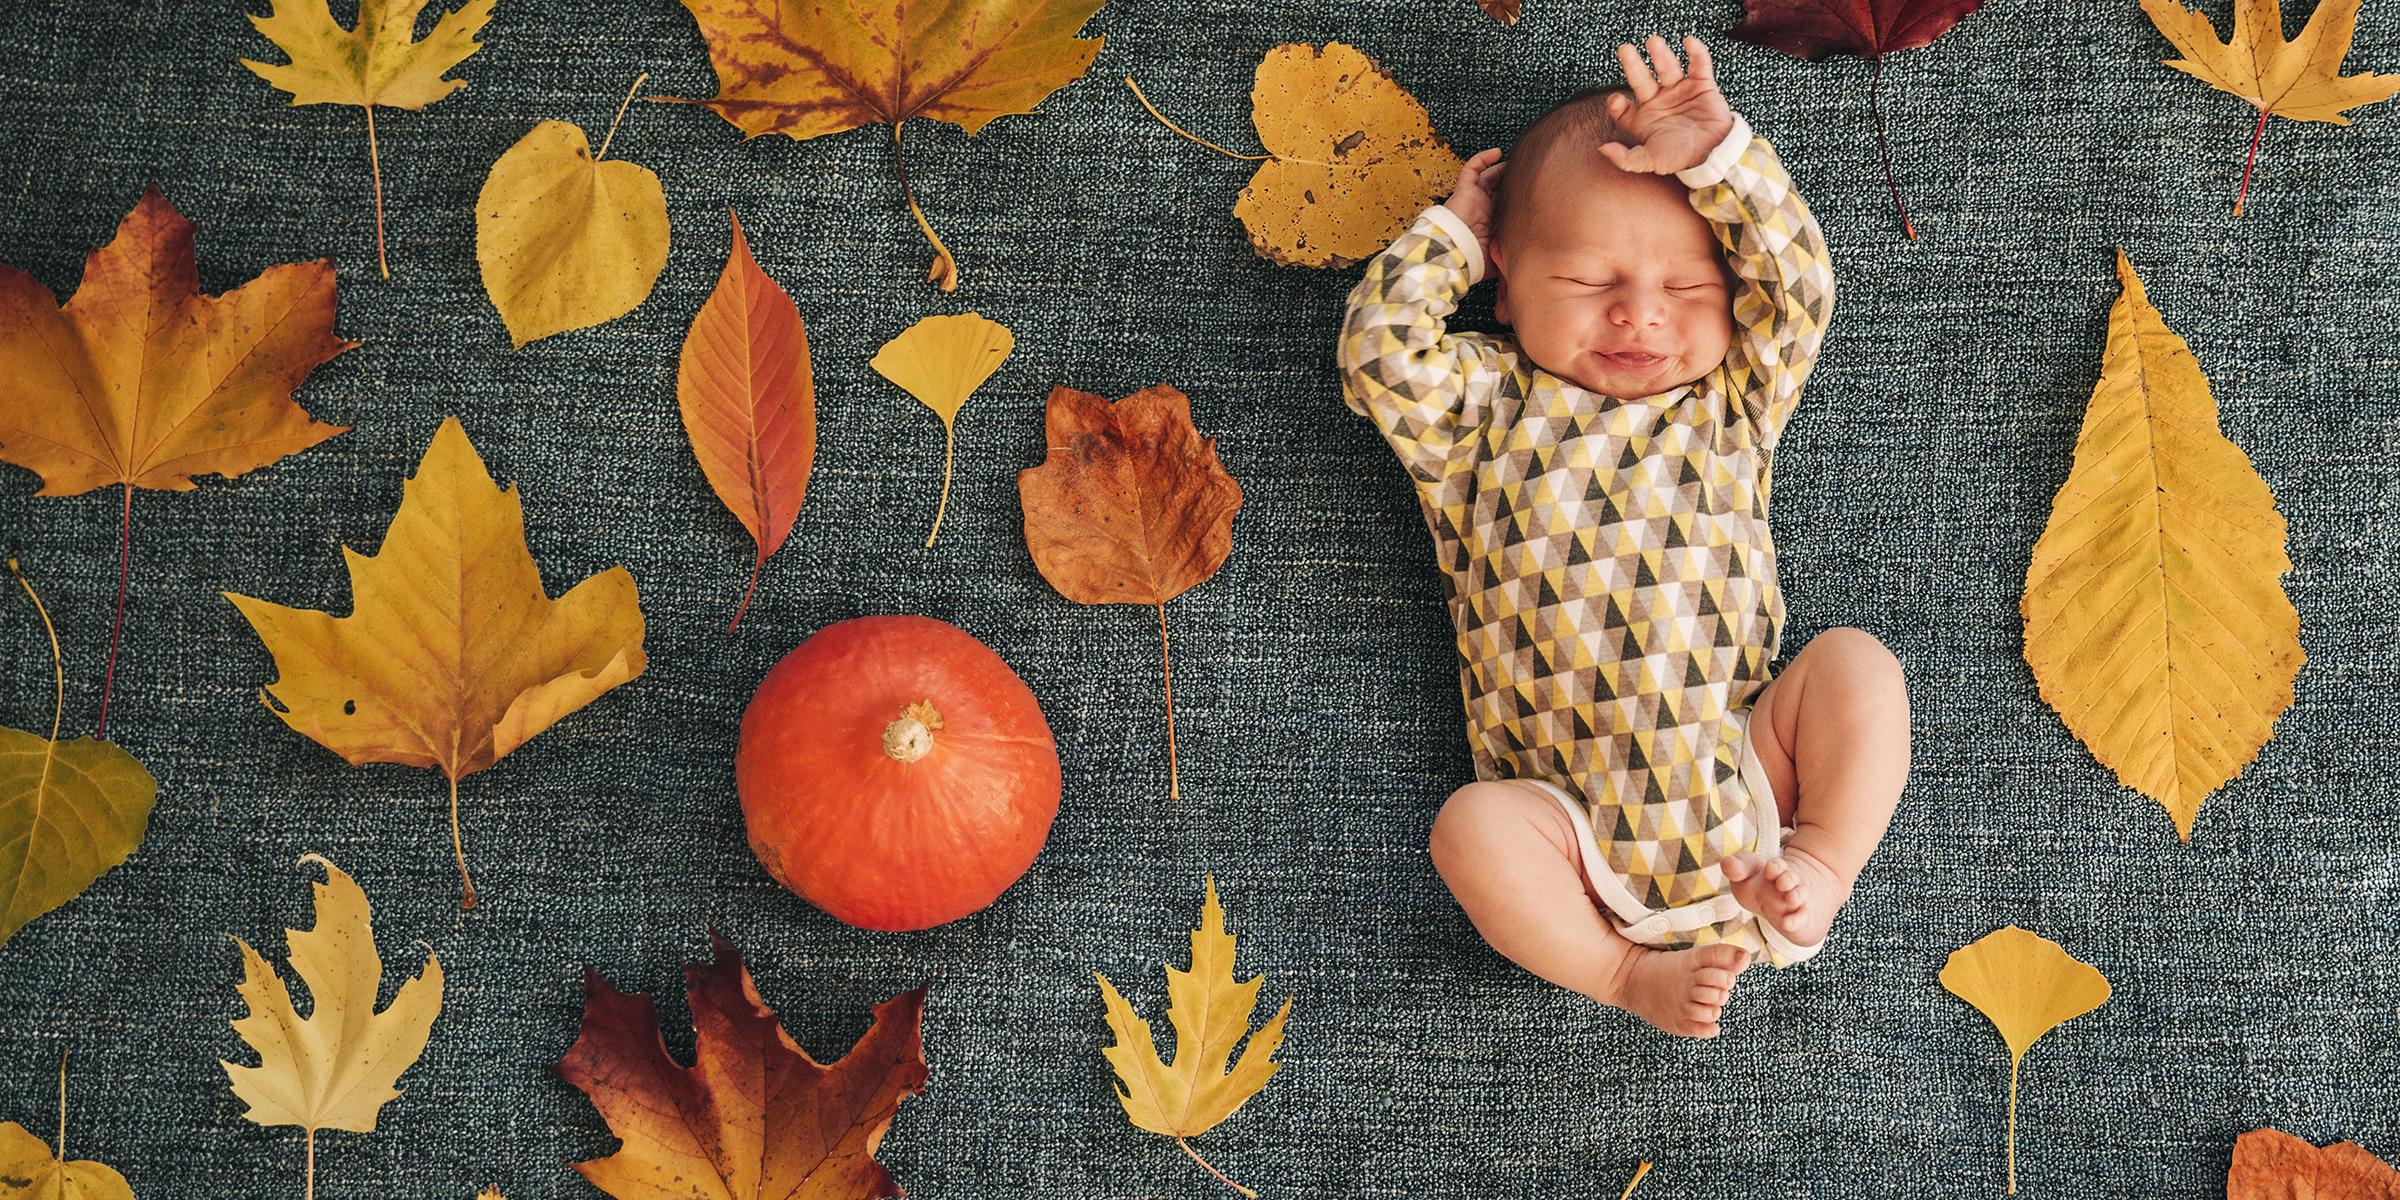 muaji i lindjes, semundje te femijet, si ndikon muaji i lindjes ne shendetin e femijes